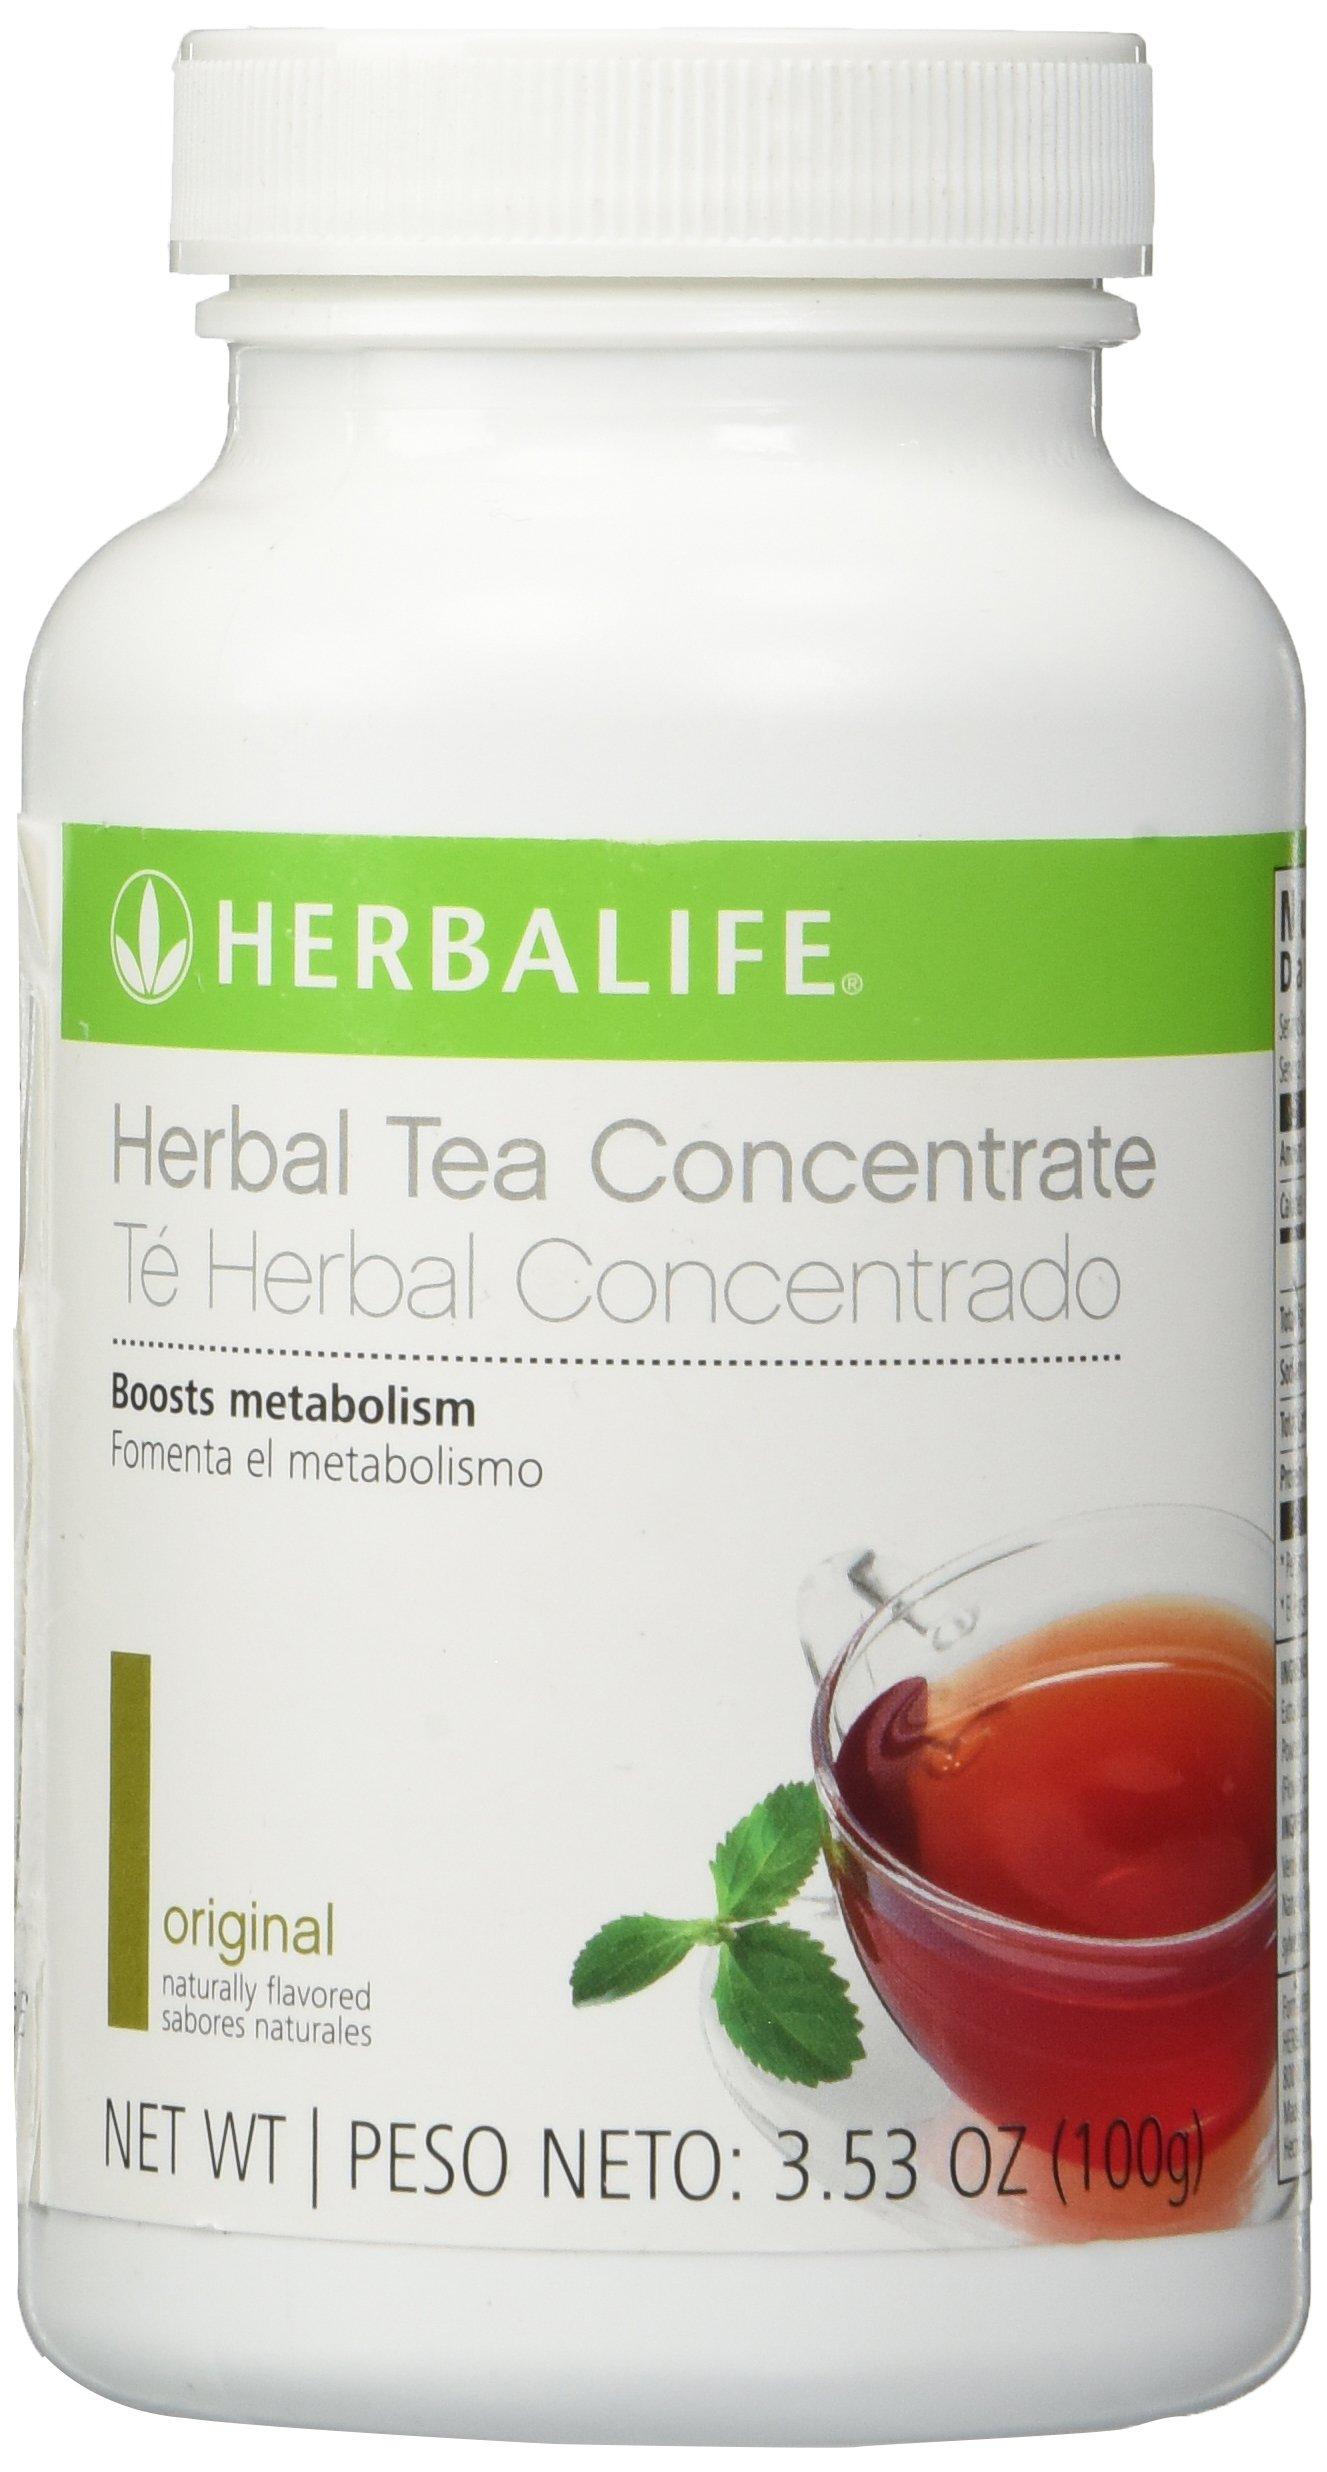 HERBALIFE HERBAL TEA CONCENTRATE - ORIGINAL FLAVOR 3.53 OZ by Herbalife (Image #1)